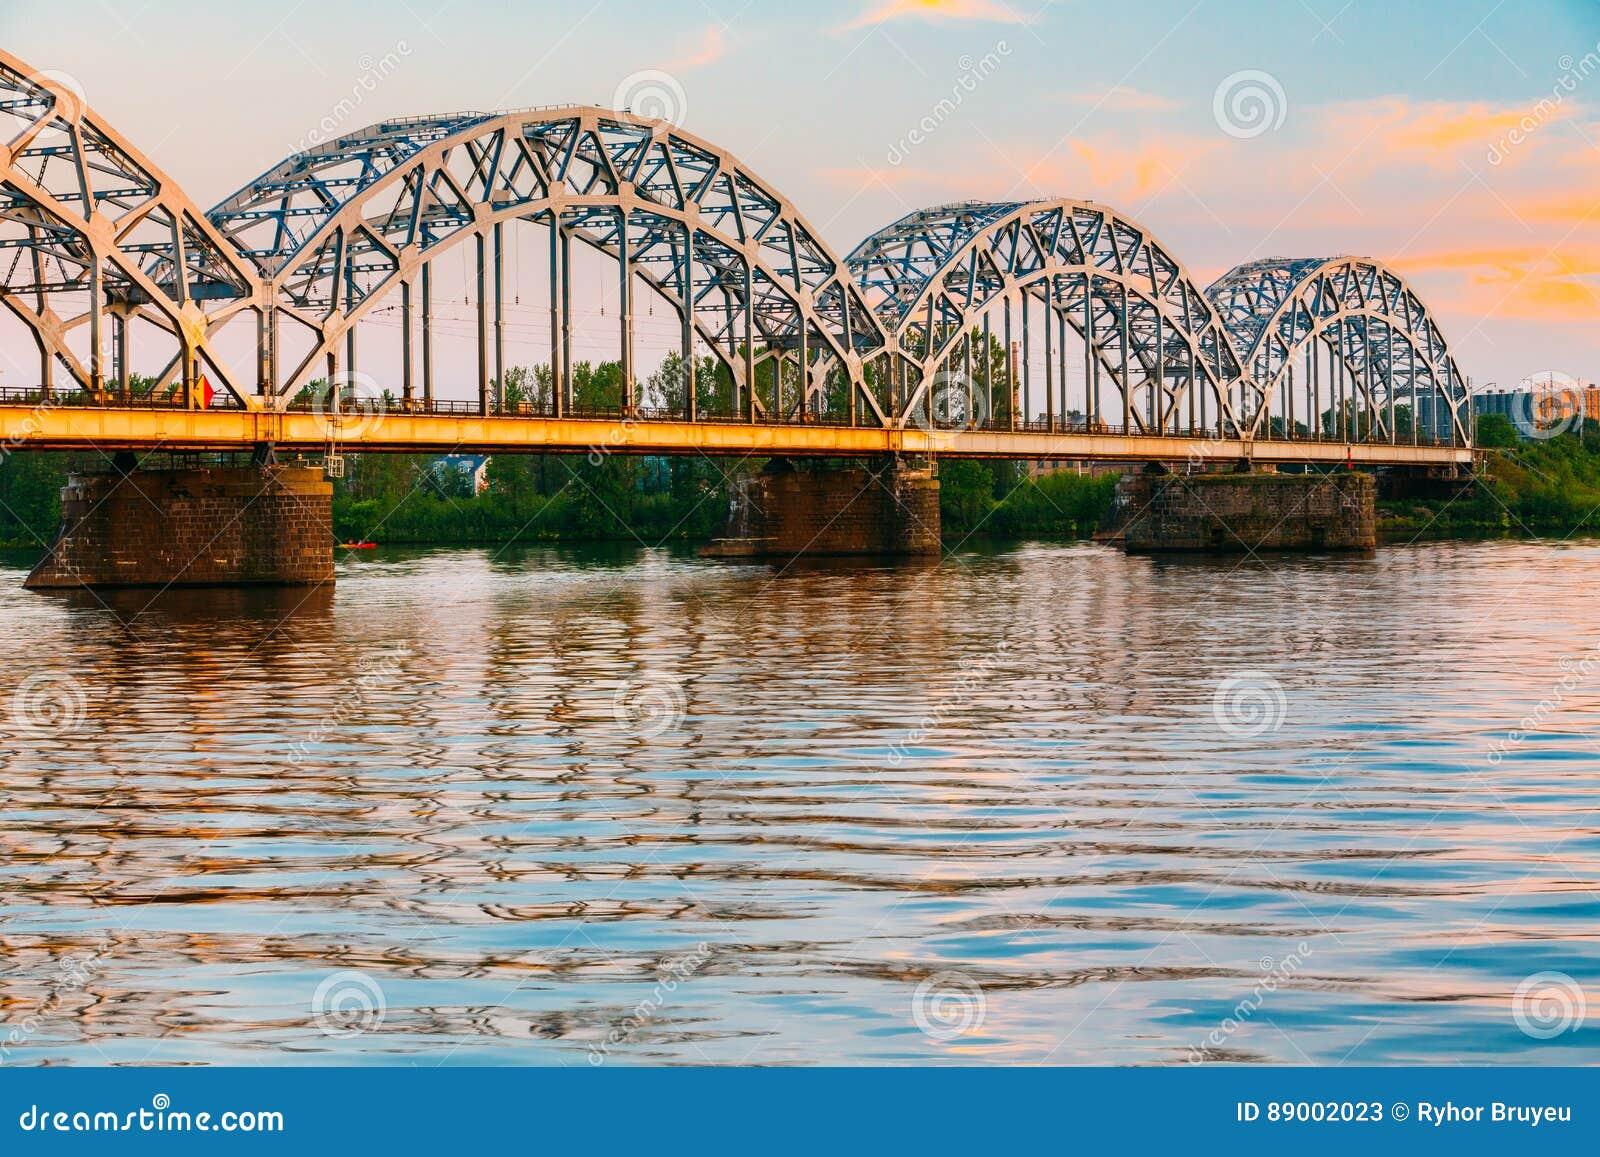 Riga, Lettonie Pont de chemin de fer par la dvina occidentale ou la rivière occidentale de Dvina